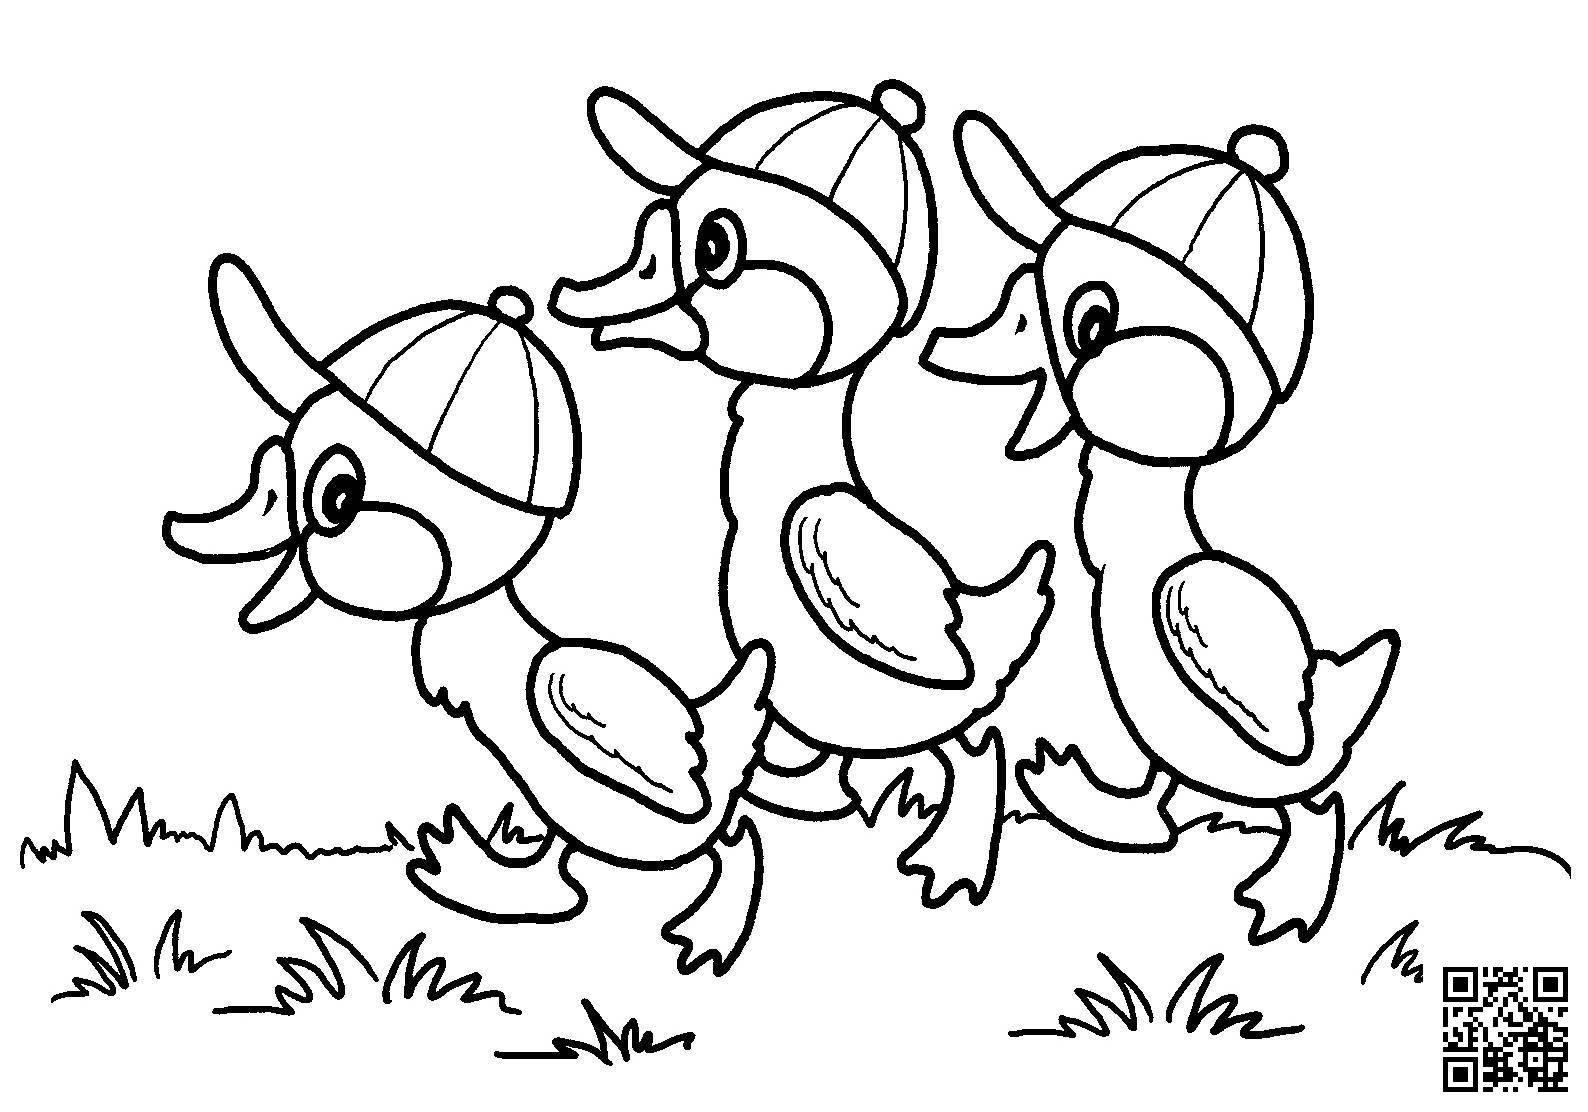 Dibujos De Patos Para Colorear Para Nios